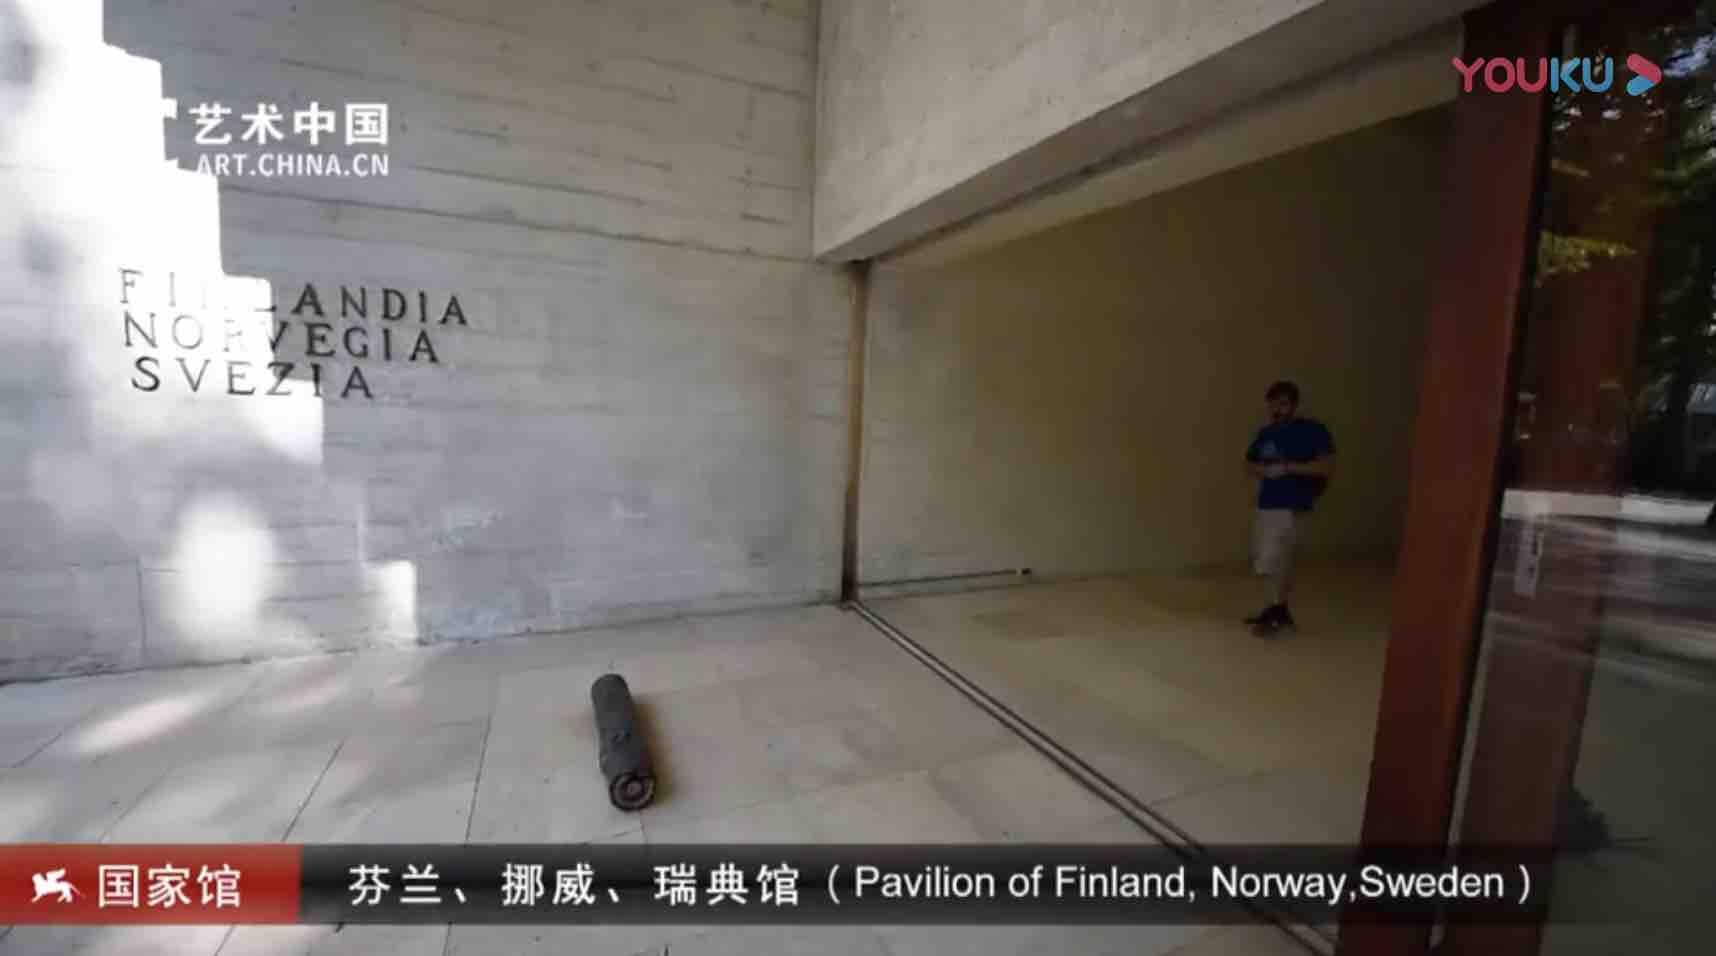 艺术中国:第57届威尼斯双年展:芬兰 挪威 瑞典馆